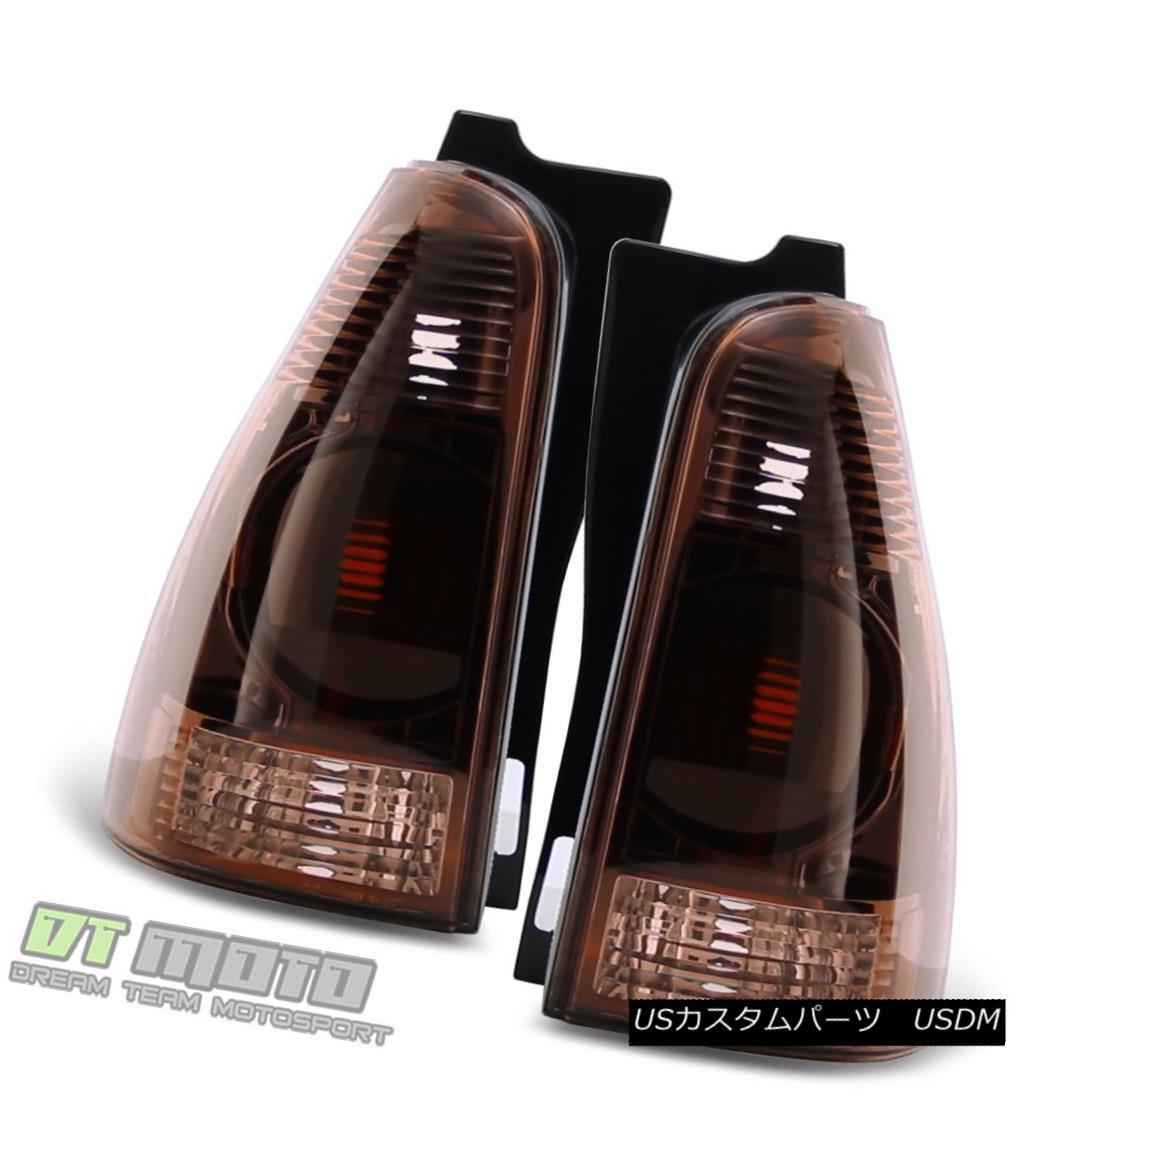 テールライト Red Smoke 2003 2004 2005 Toyota 4Runner Tail Lights Brake Lamps 03-05 Left+Right Red Smoke 2003 2004 2005トヨタ4Runnerテールライトブレーキランプ03-05 Left + Right